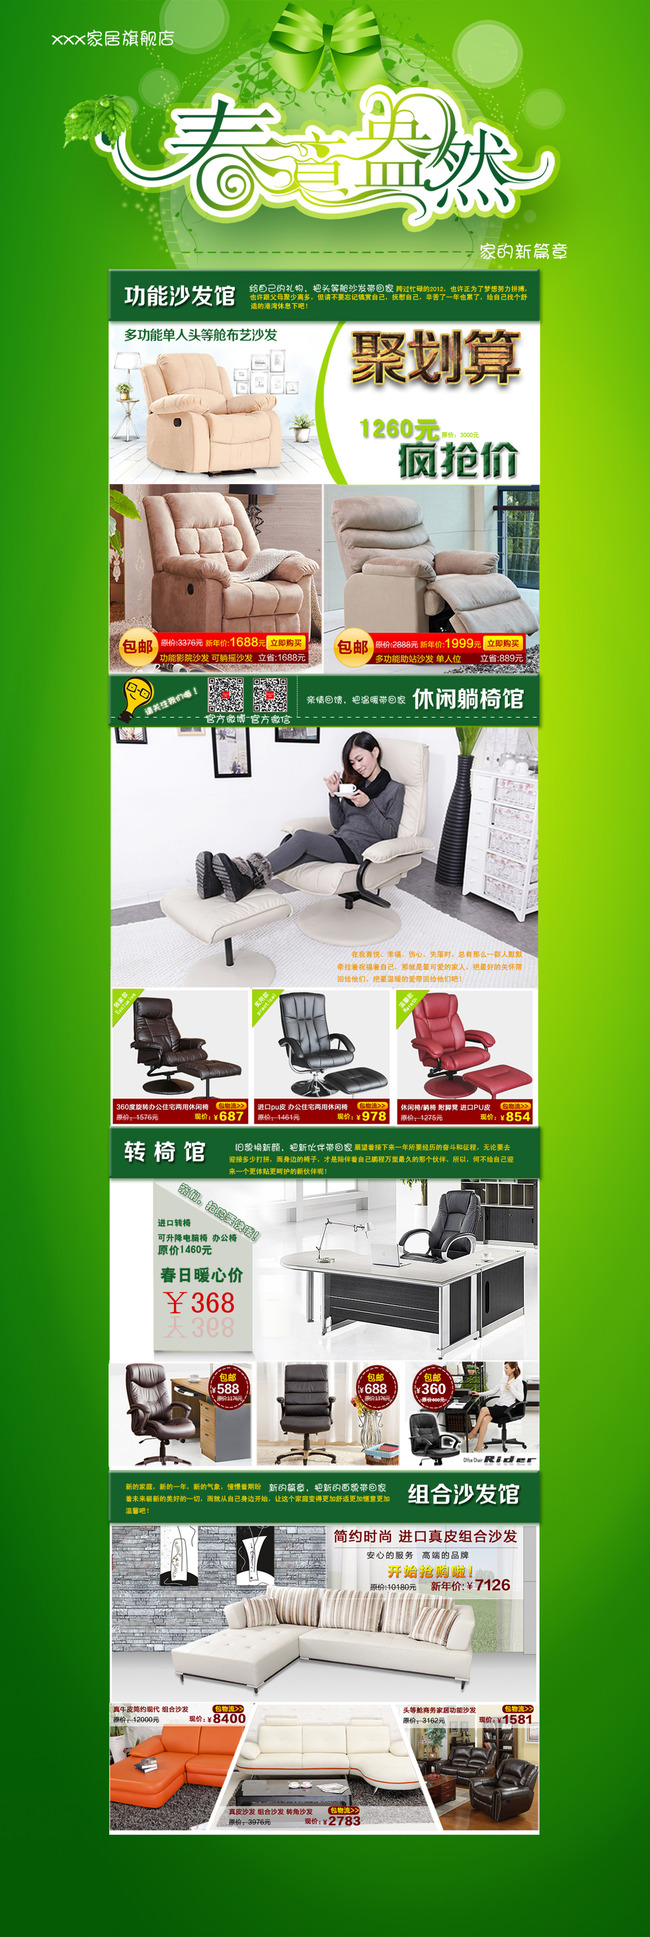 淘宝店铺网店装修模板模板下载(图片编号:10947380)